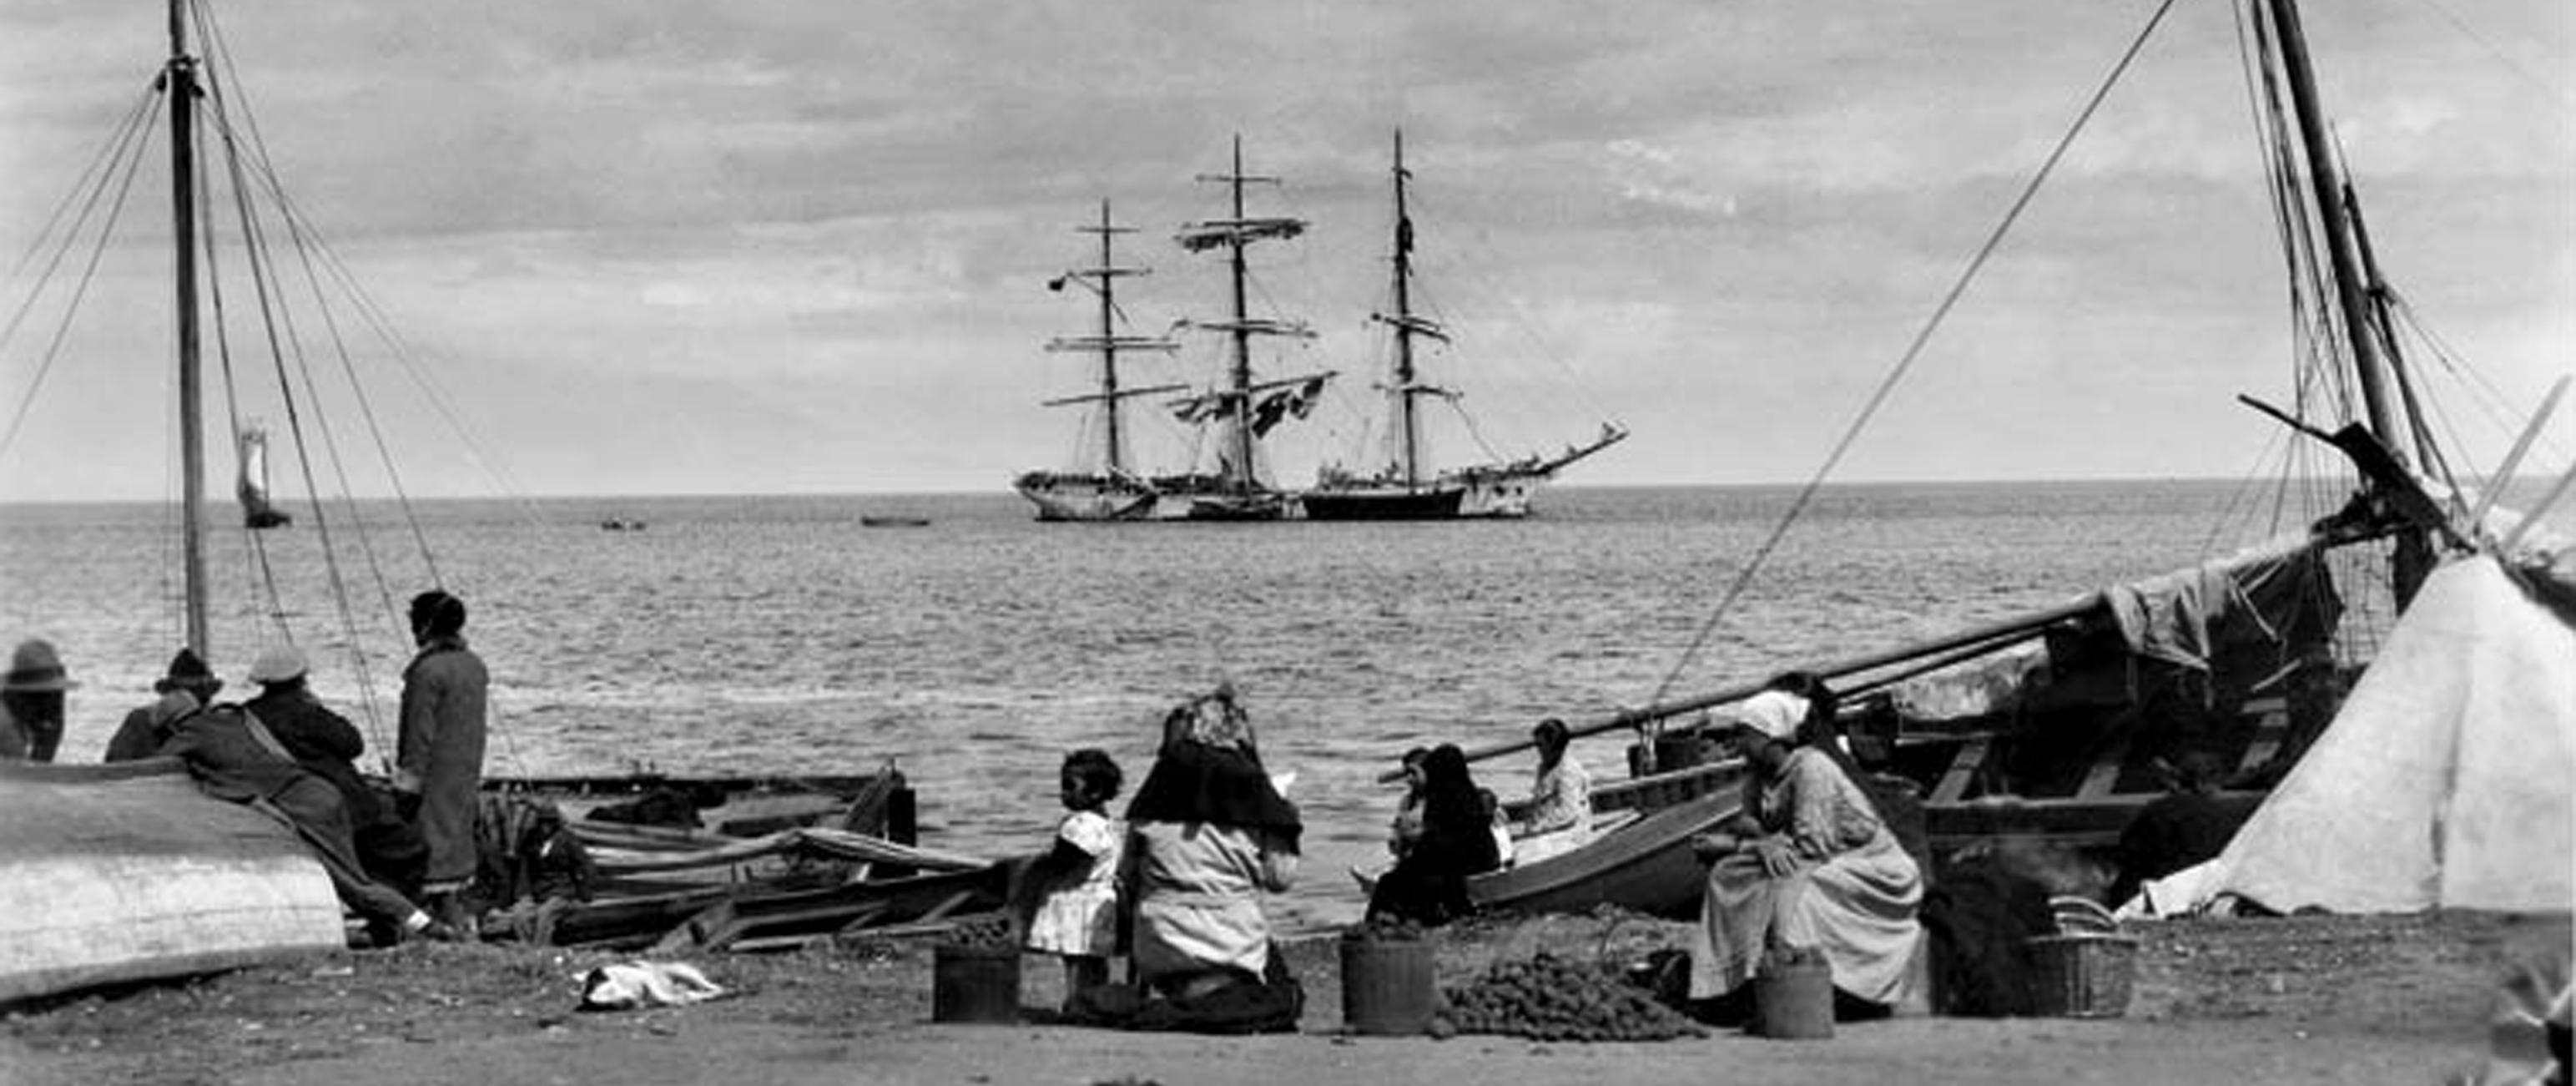 Enterreno - Fotos históricas de chile - fotos antiguas de Chile - Puerto Montt en 1930